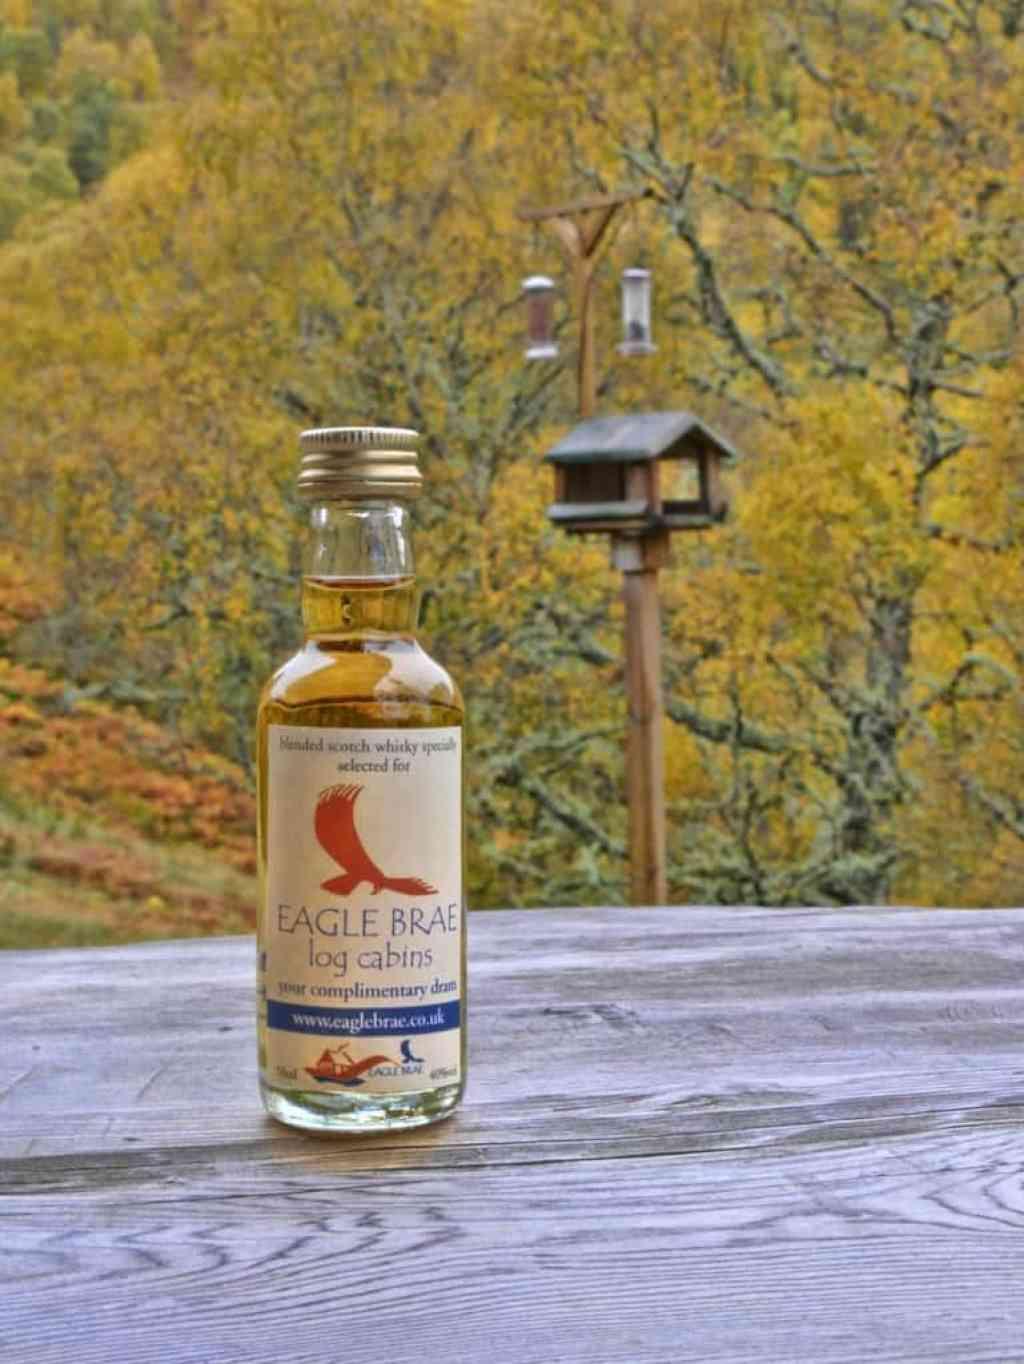 Eagle Brae whisky